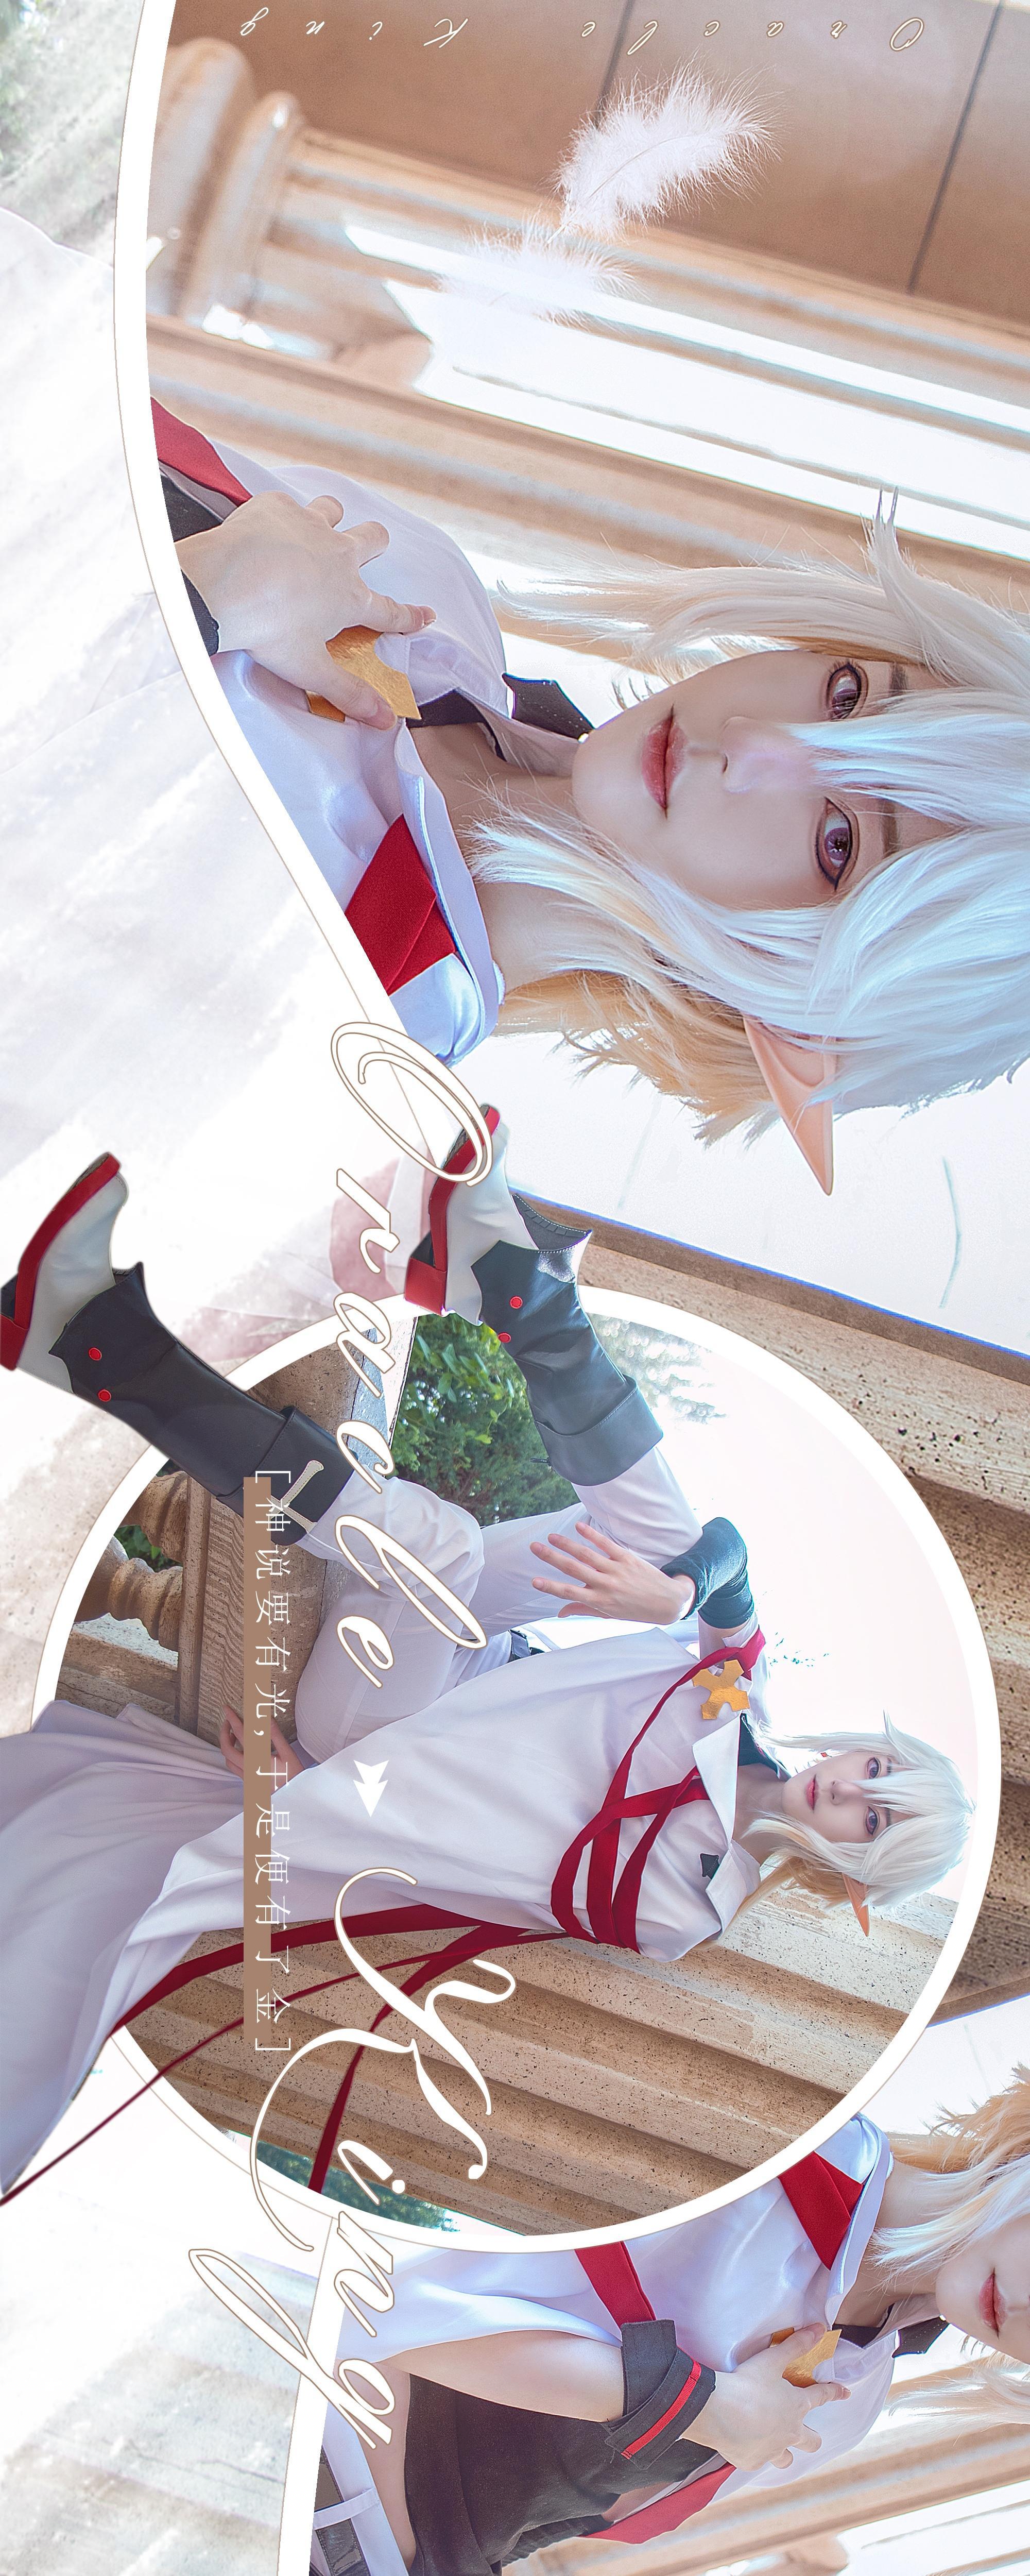 《凹凸世界》正片cosplay【CN:Yixuan-】-第4张